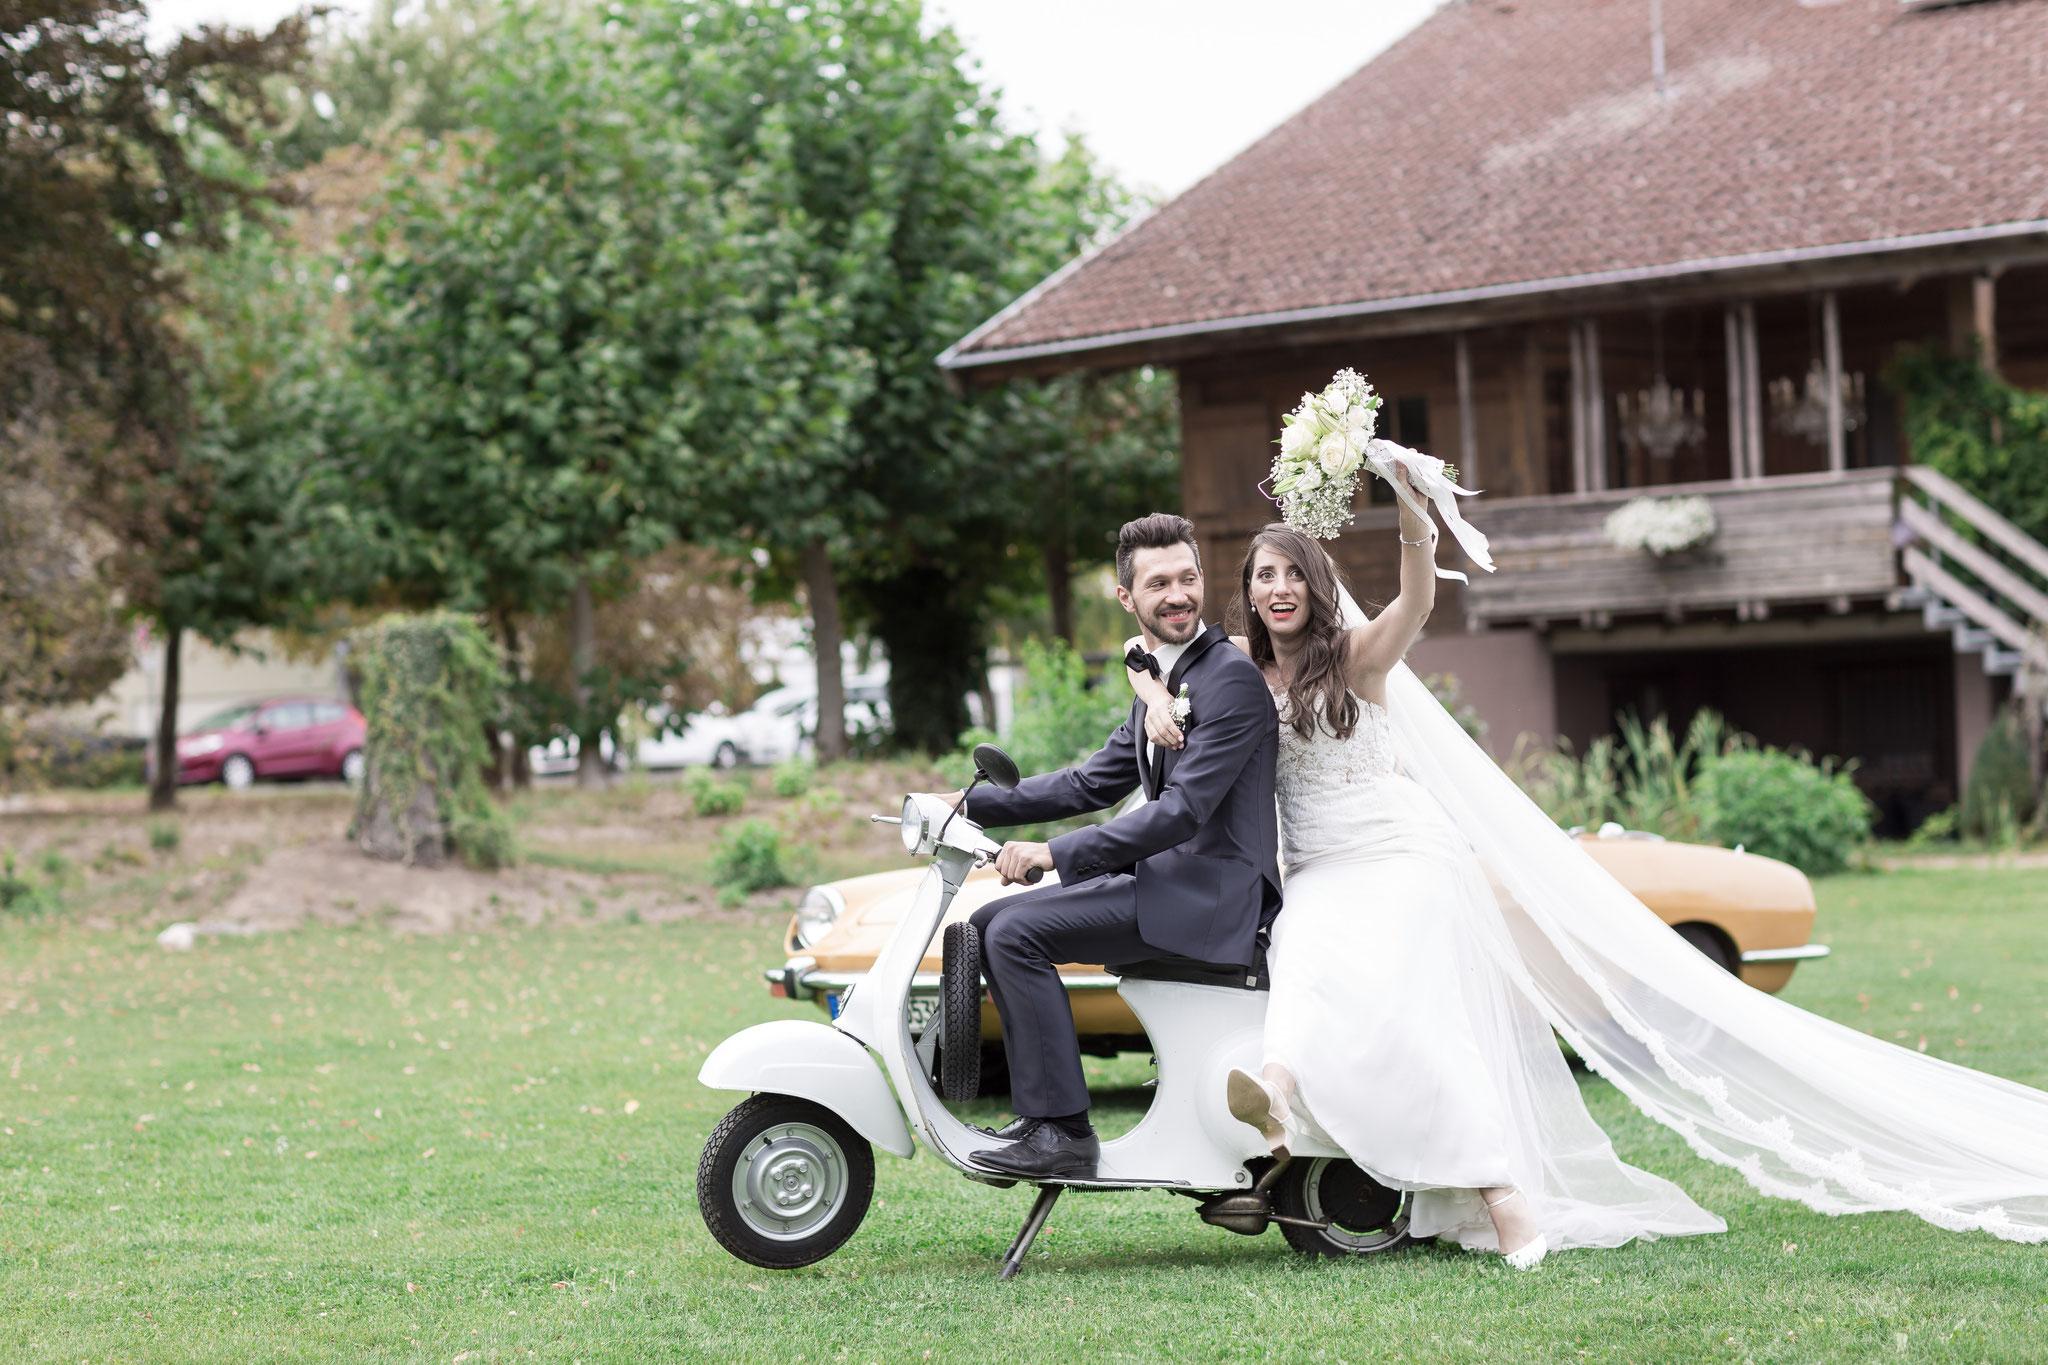 Brautpaar-Shooting mit einem Retro Roller